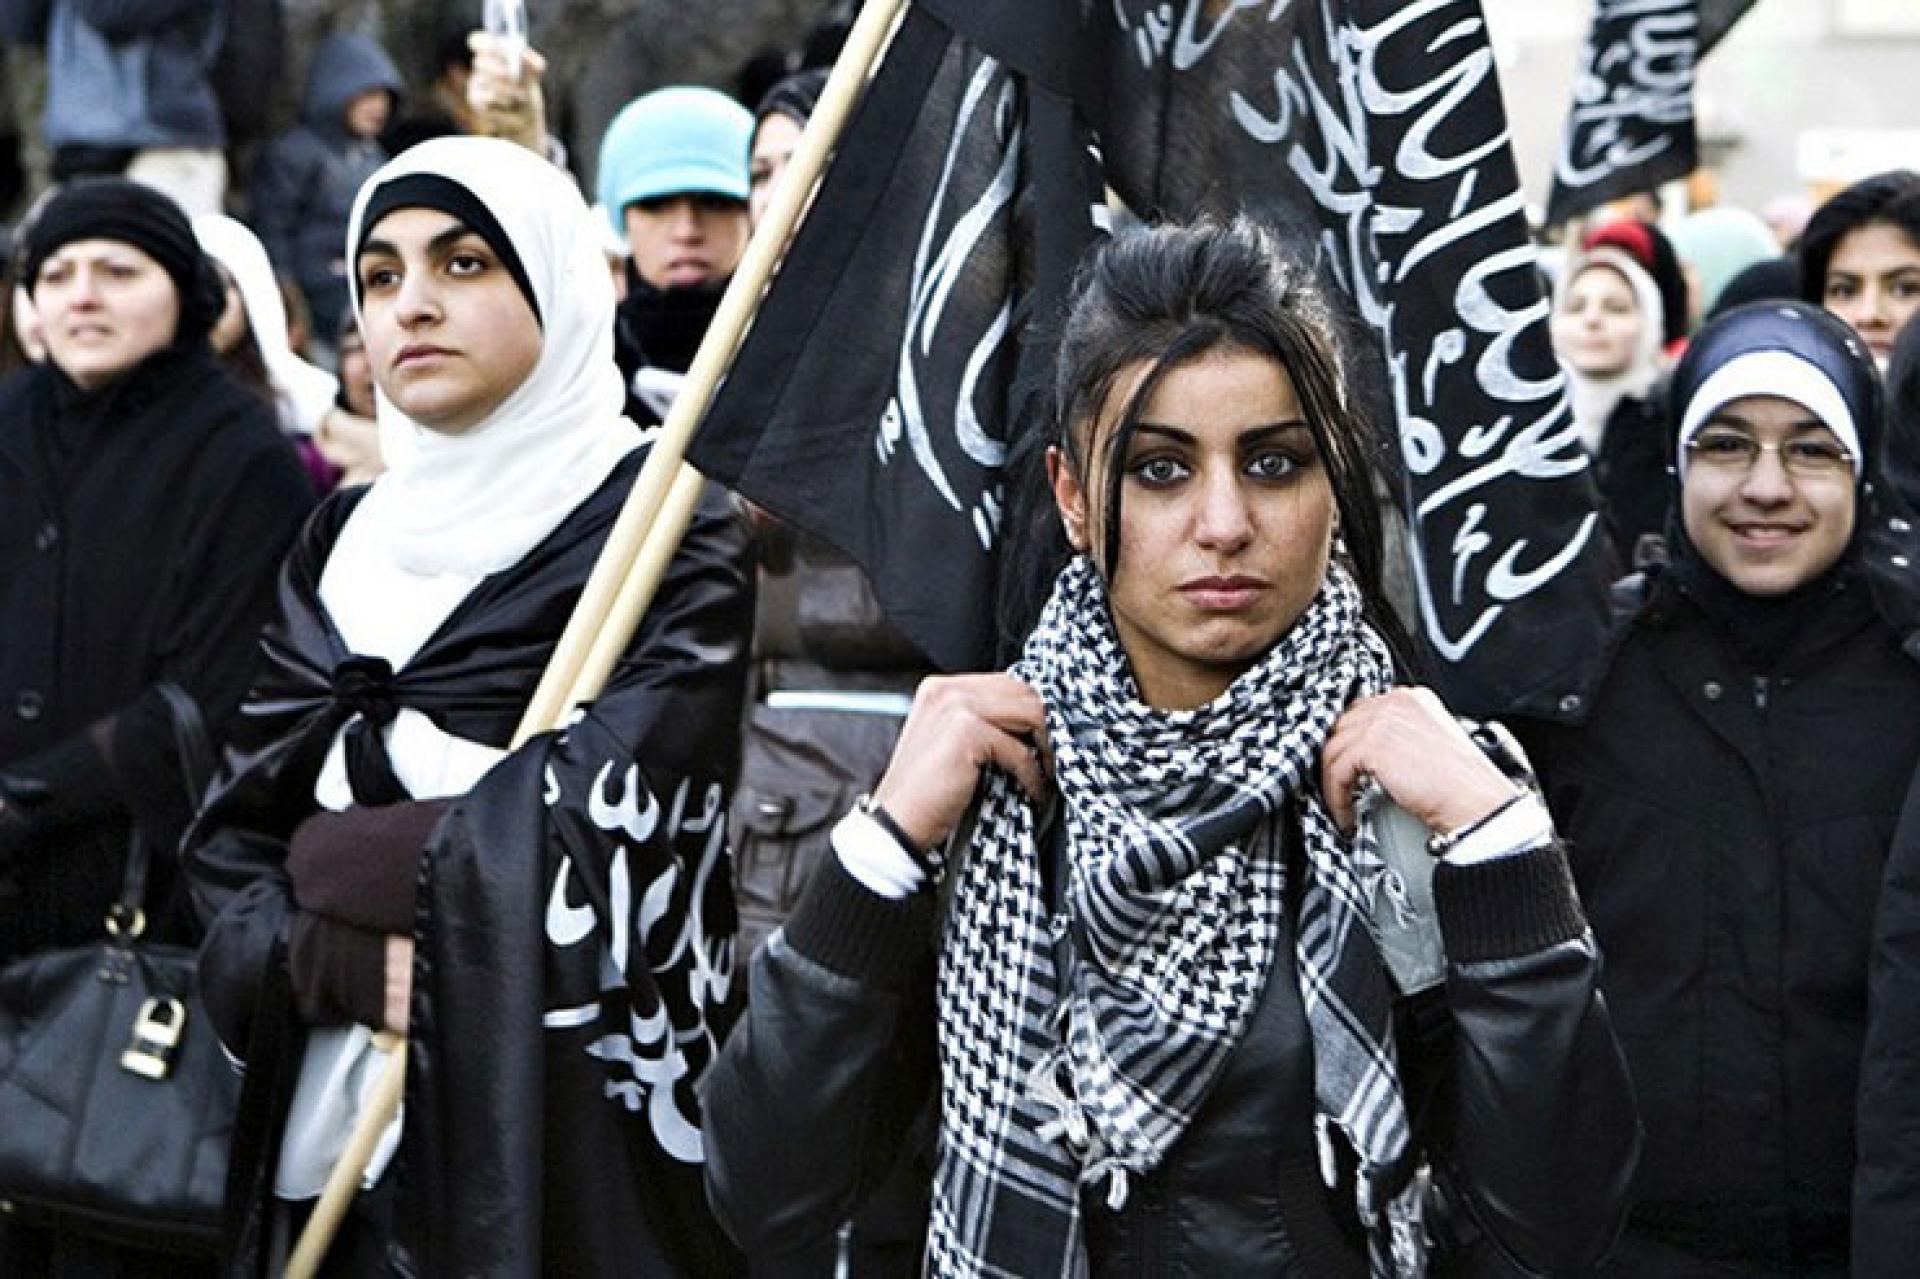 الجندر ومواجهة ردْكلة الدولة الإسلامية (داعش)